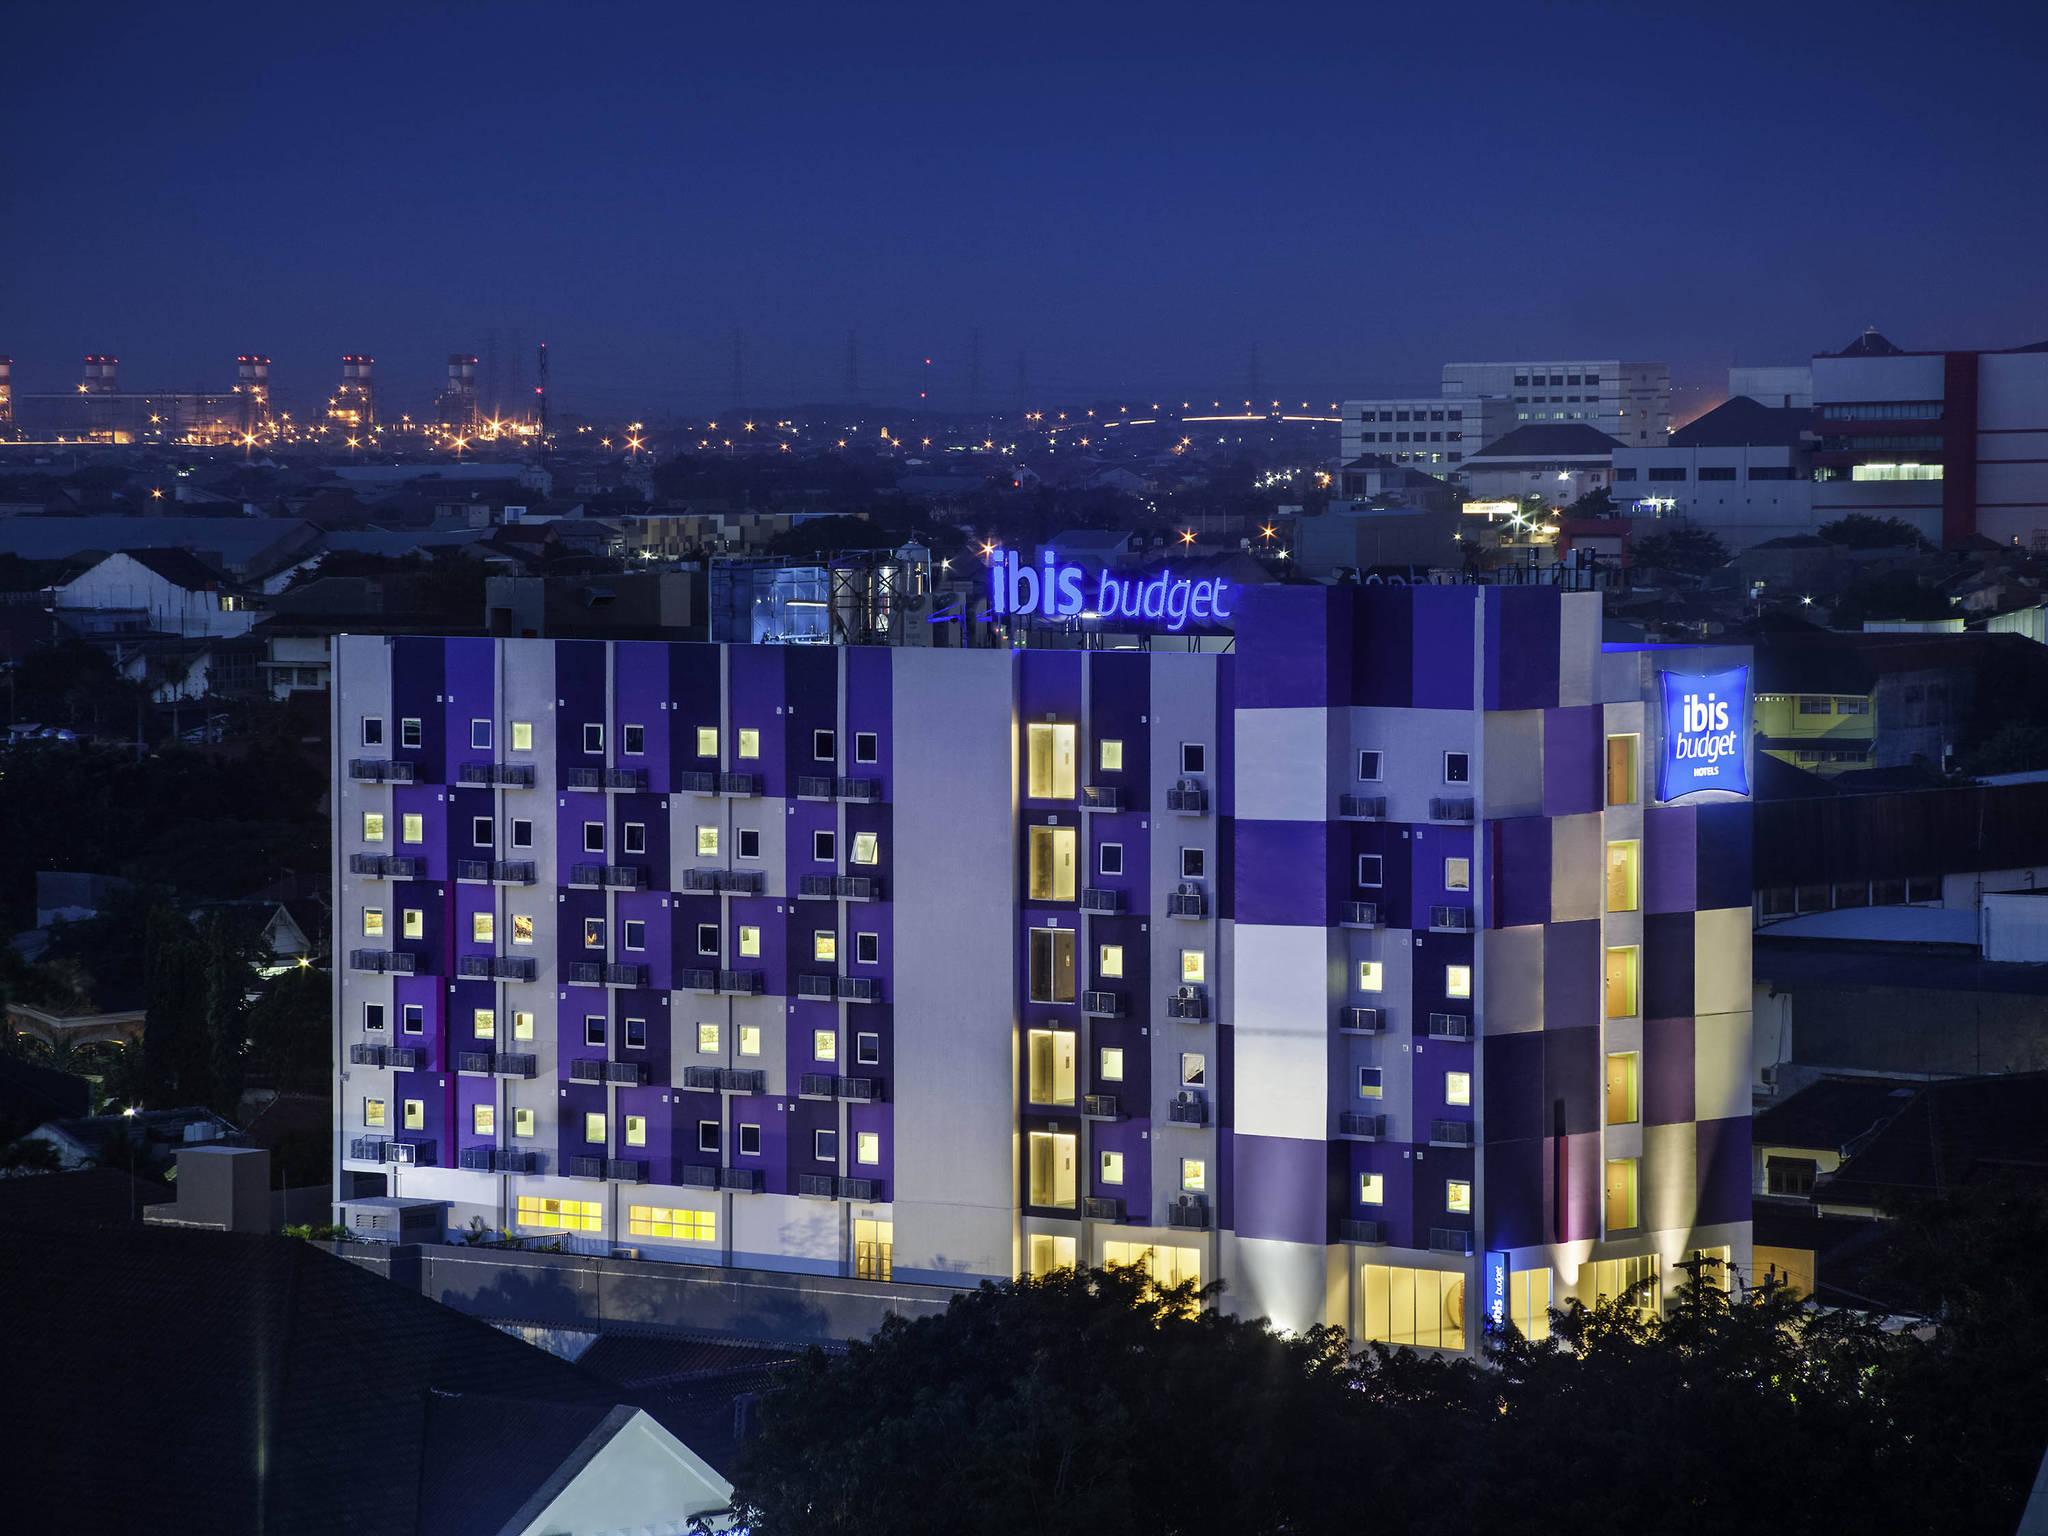 Budget Hotel Ibis Semarang Tendean Accorhotels Simpang Lima Kab